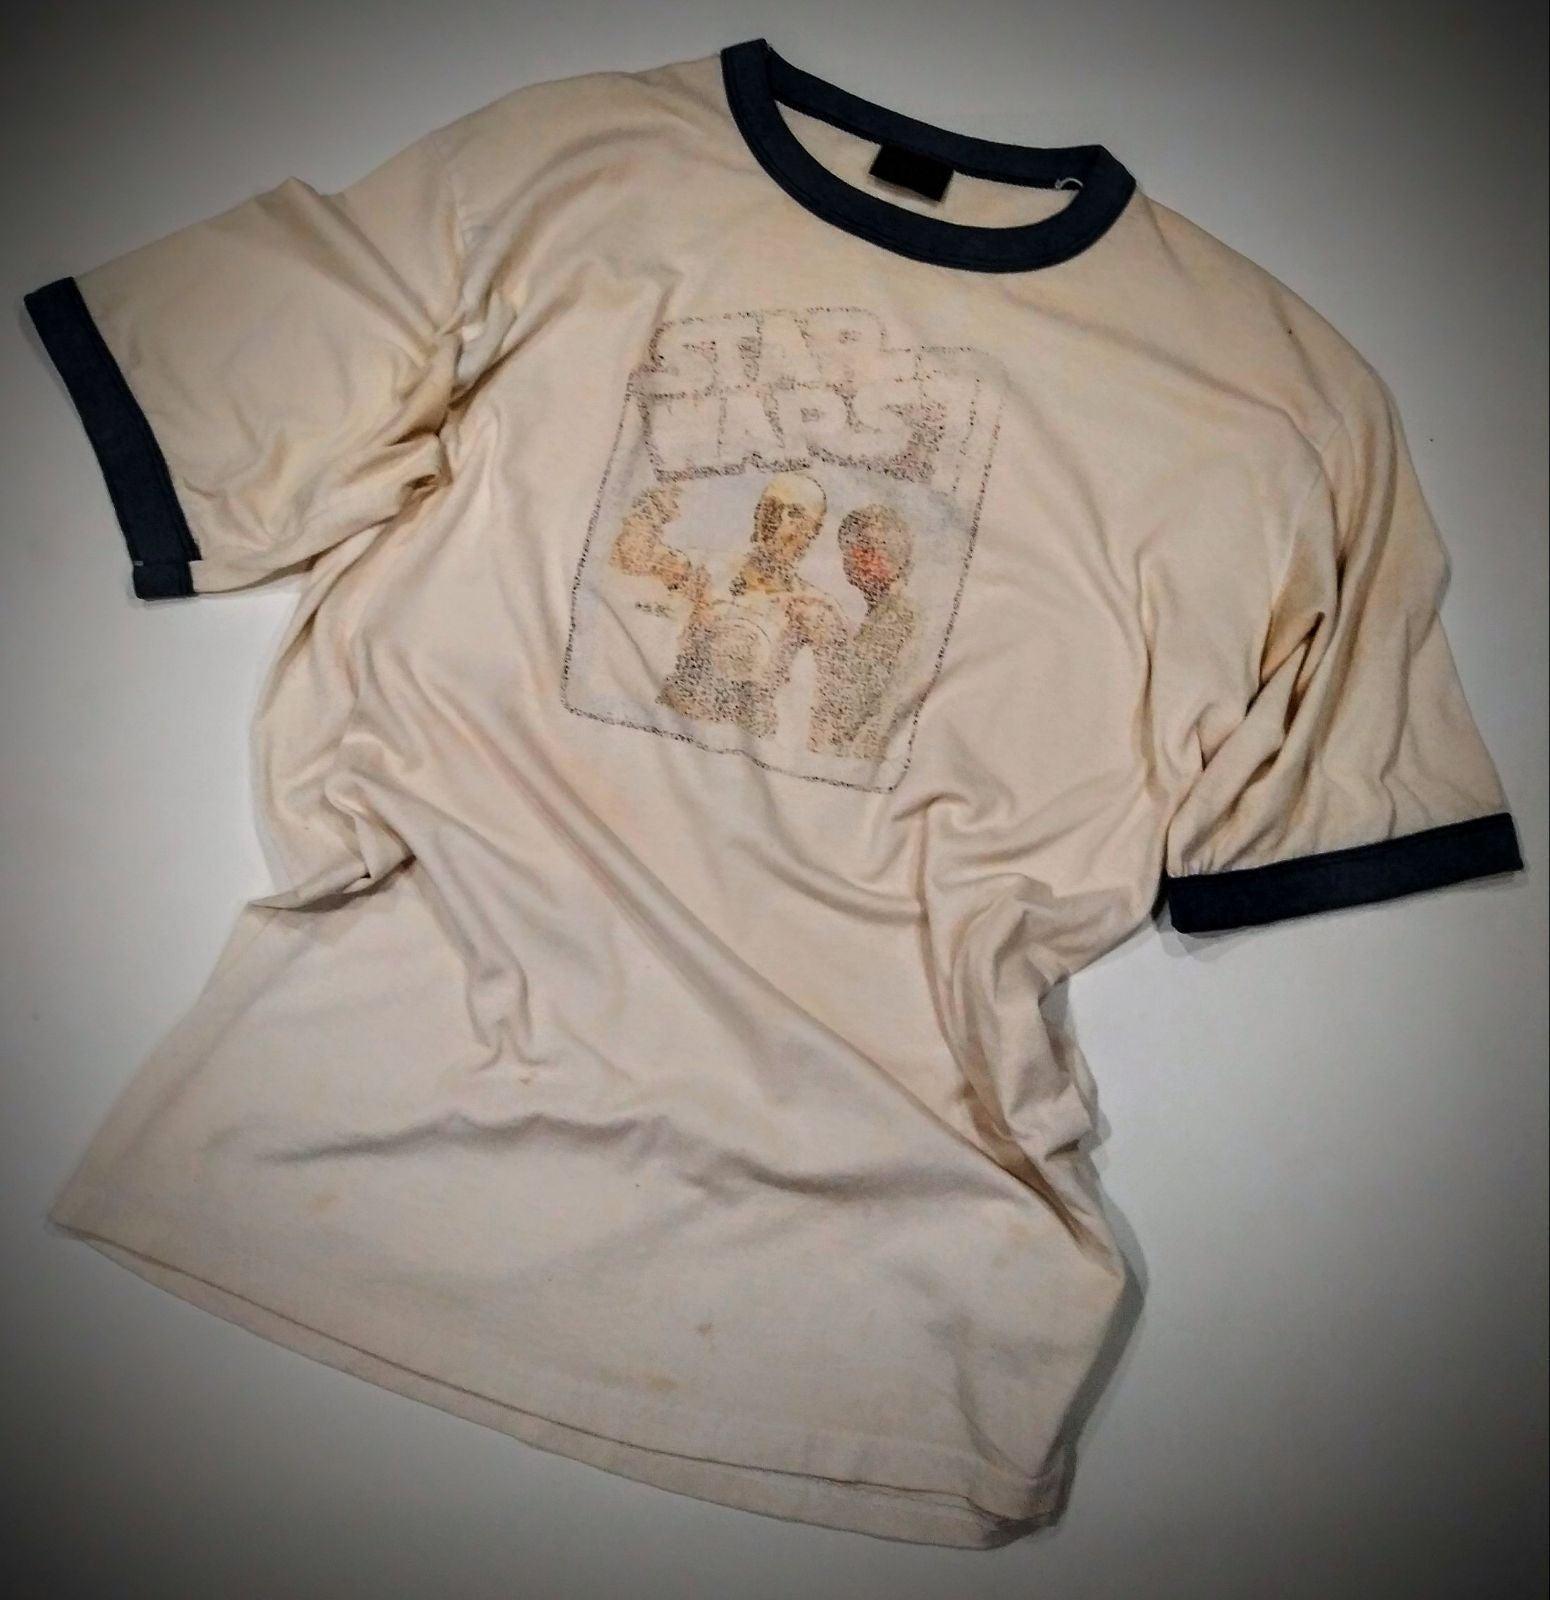 Vintage Changes Star Wars T-shirt